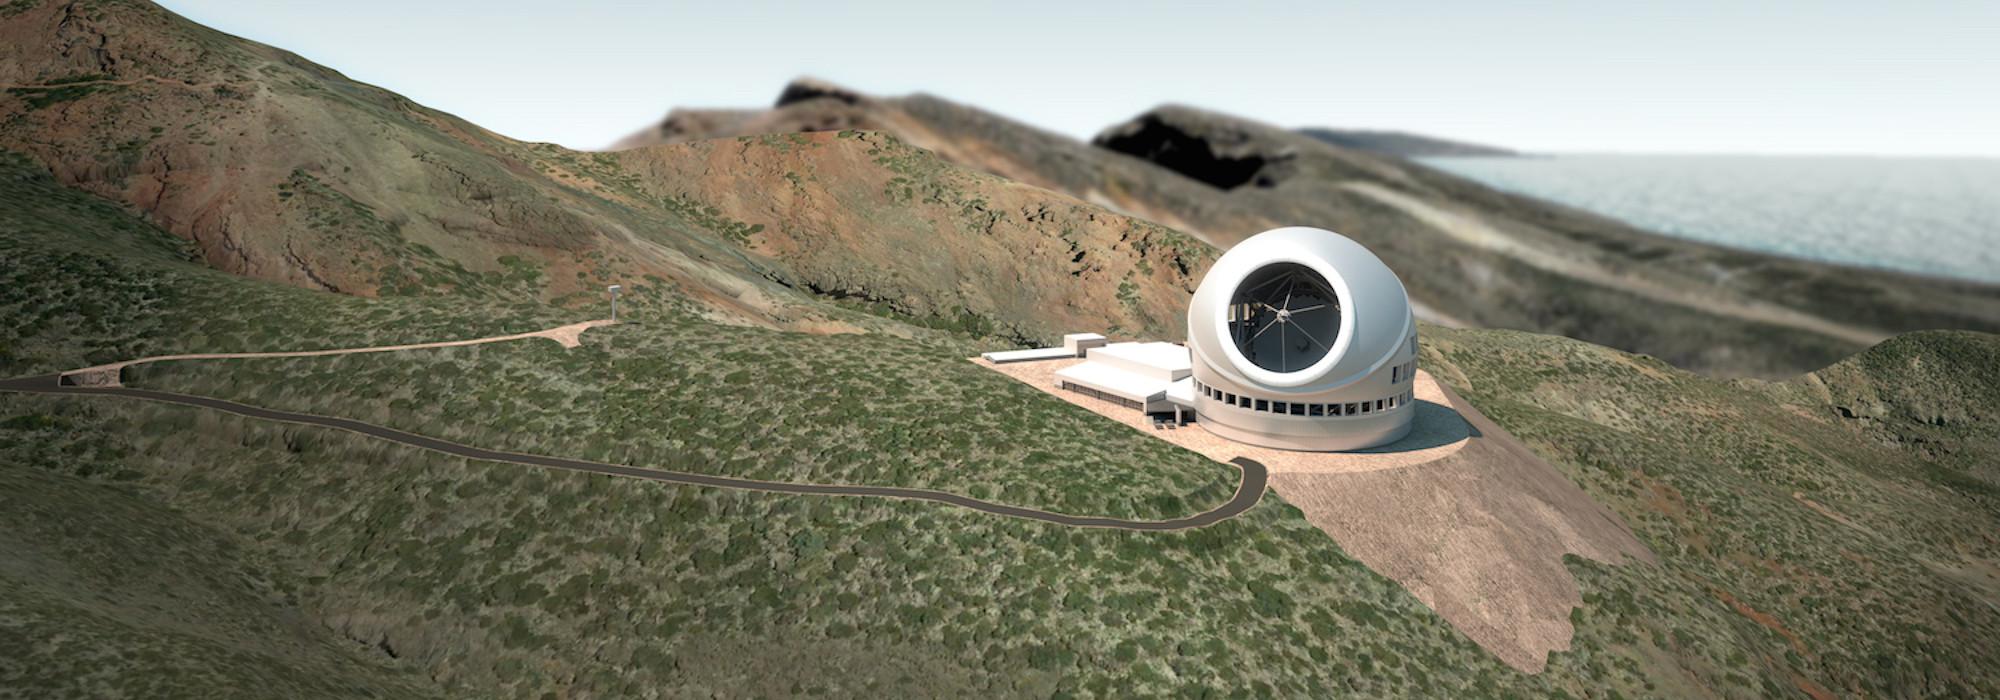 Dev teleskoplar çağı ve uzaylı arayışı üzerine